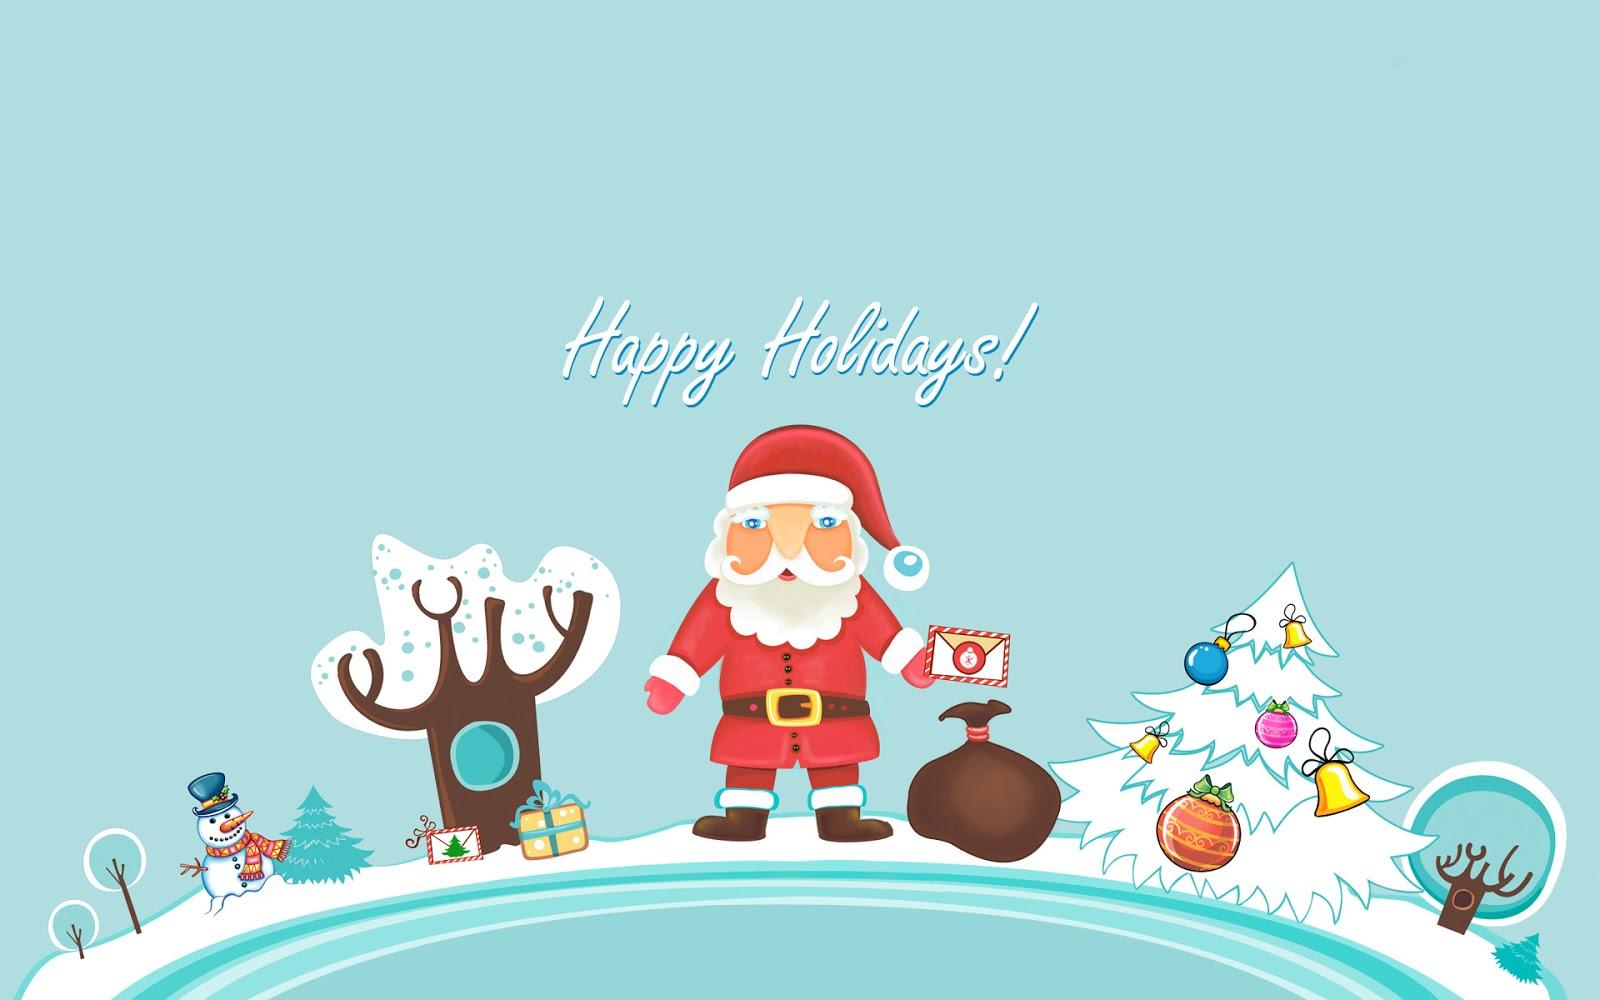 Santa Clause Wallpaper, Santa Clause Christmas Wallpaper, Happy Holidays Wallpaper